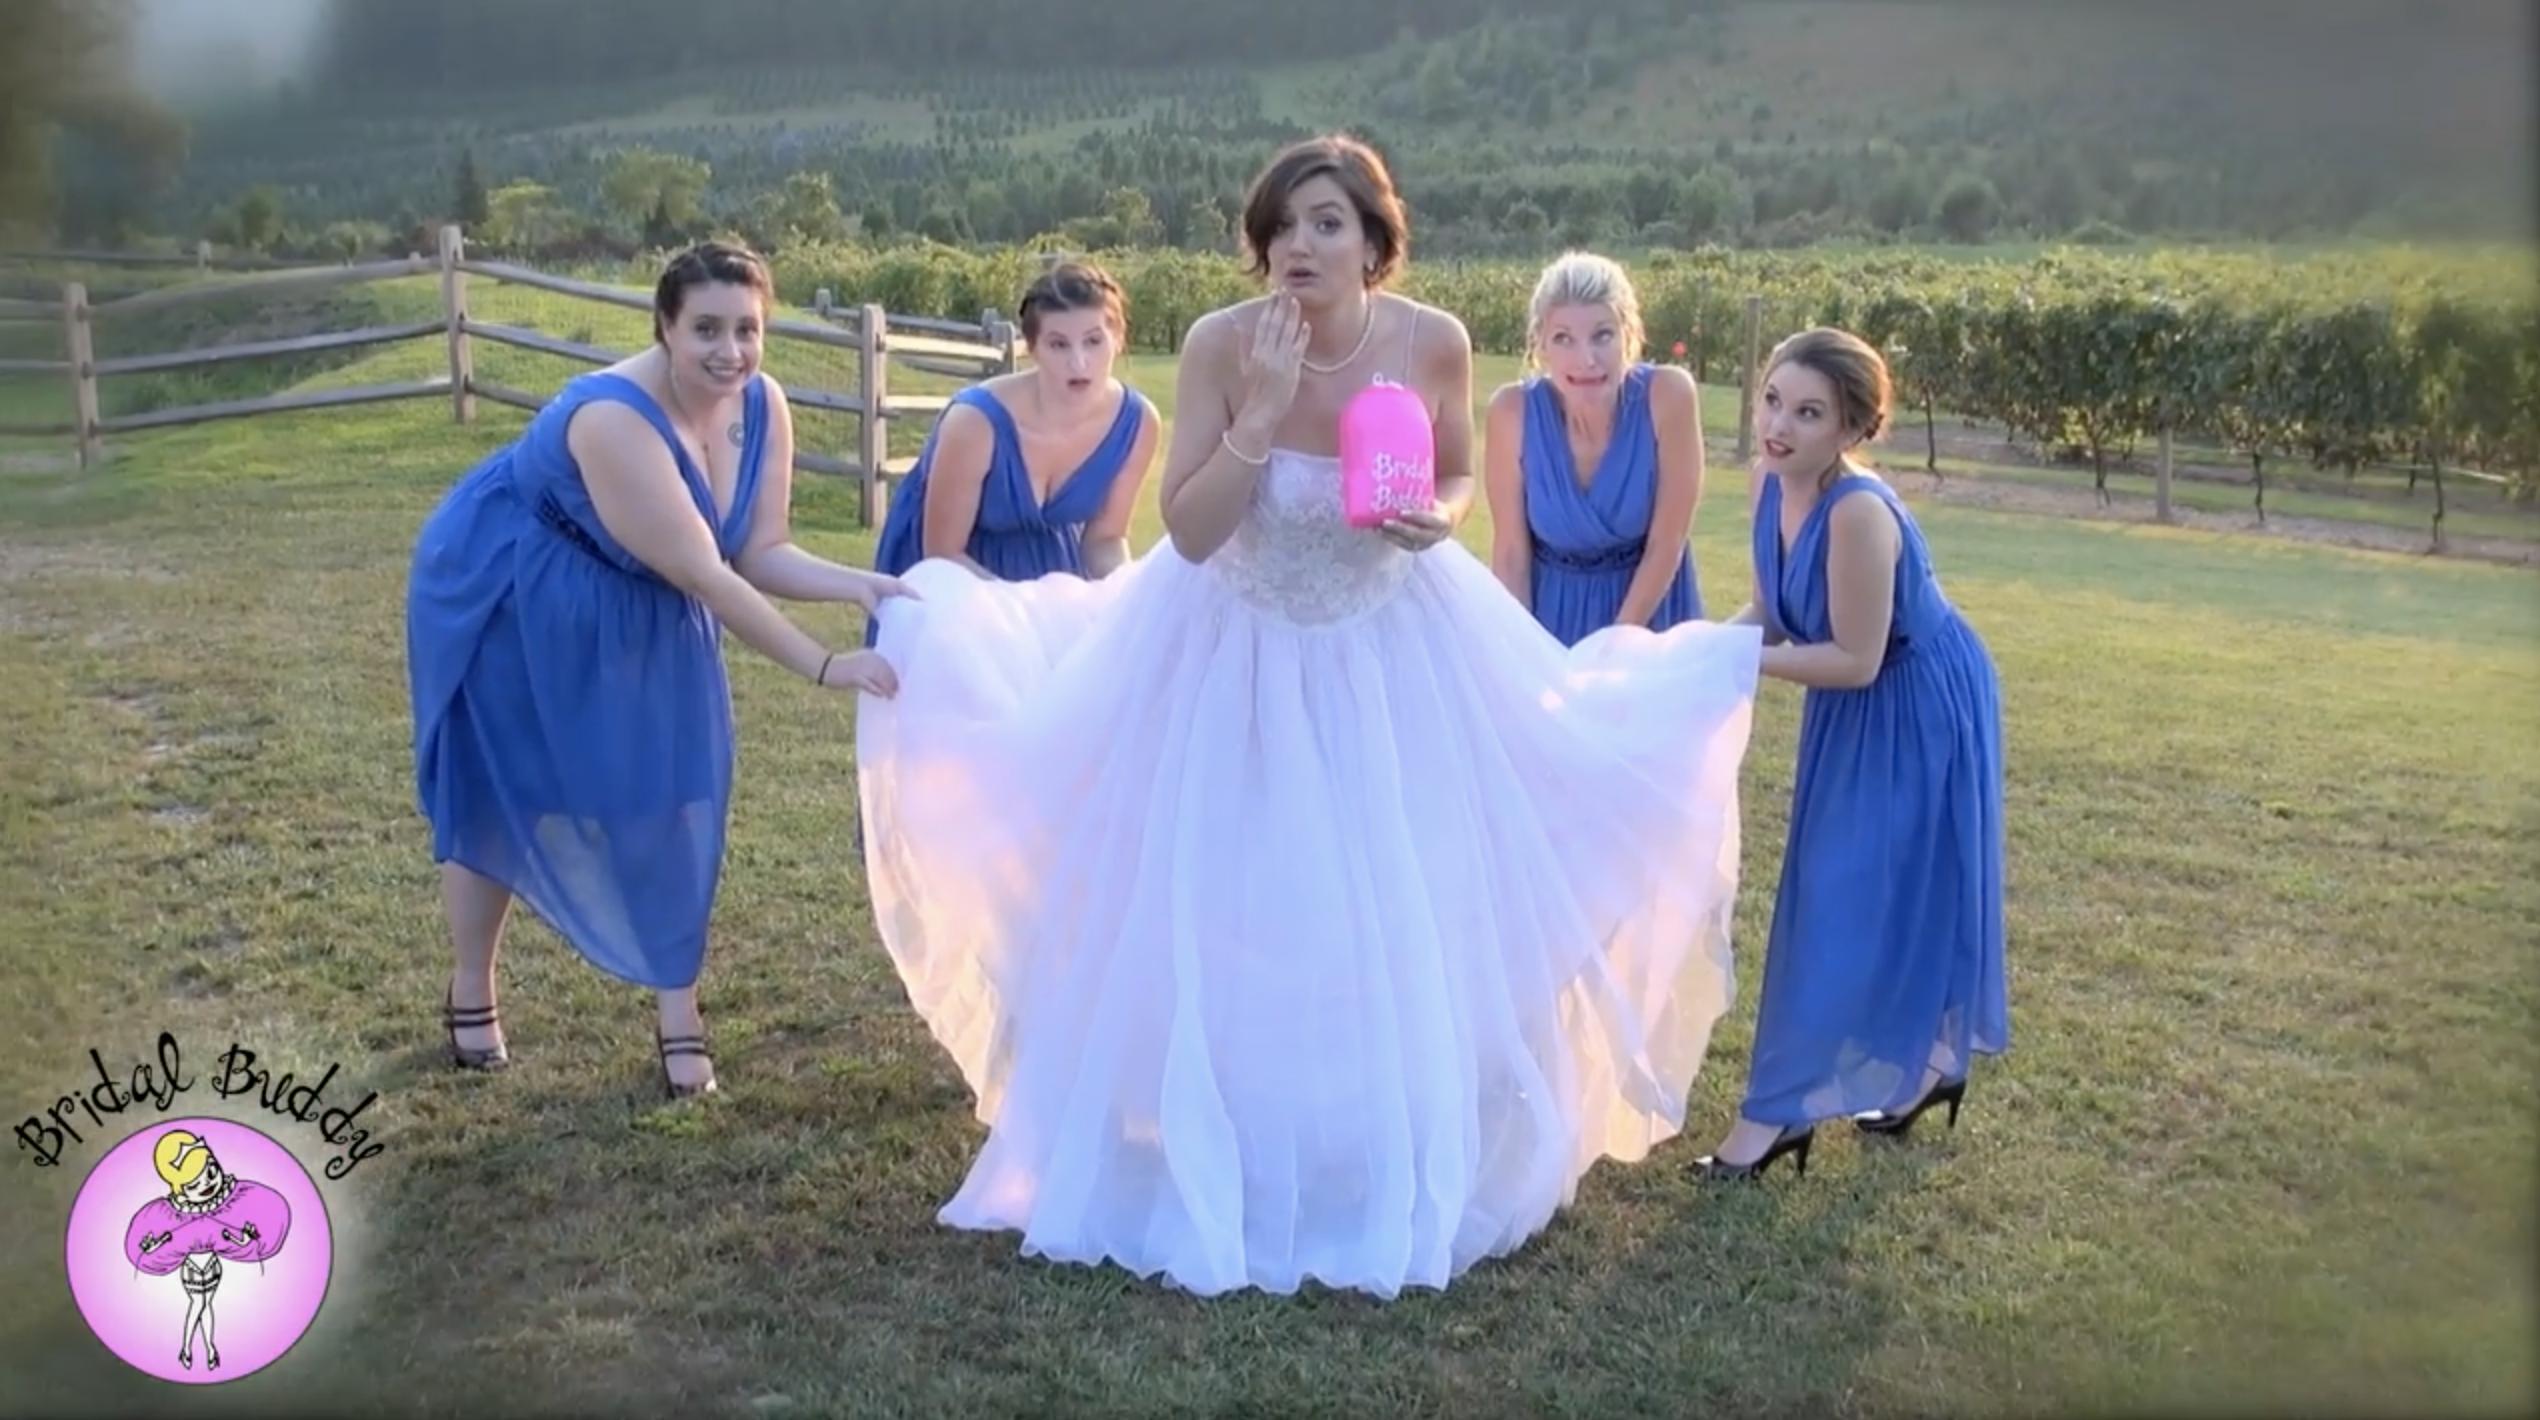 Bridal Buddy : l'idée qui permet à la mariée d'aller aux toilettes sans souci